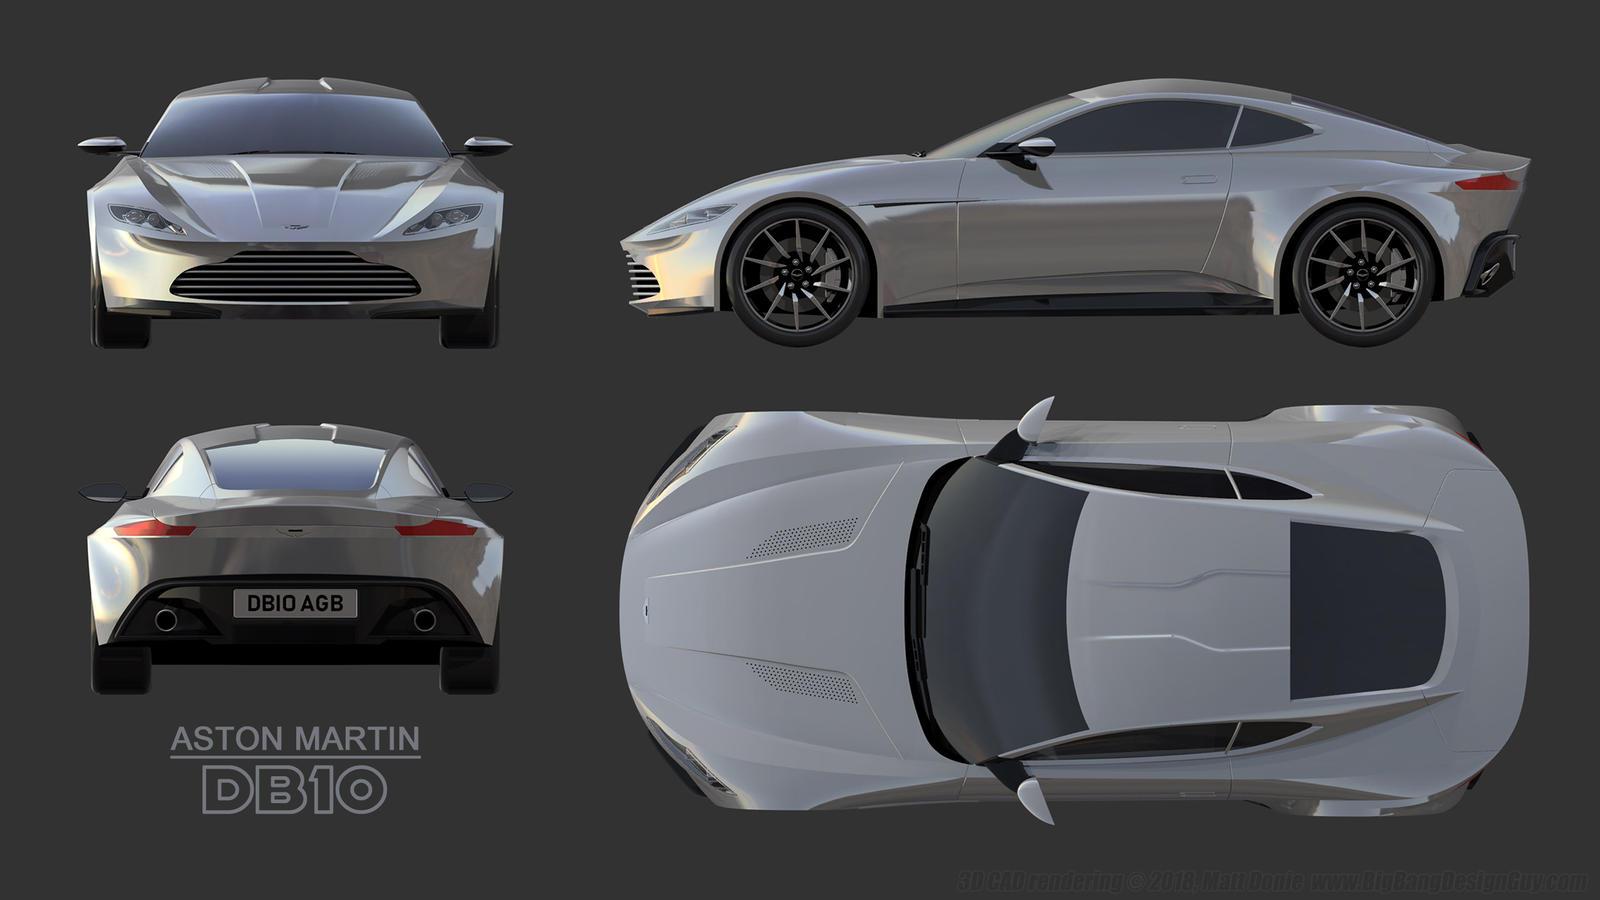 Aston Martin Db10 James Bond 007 Car Schematics By Ravendeviant On Deviantart